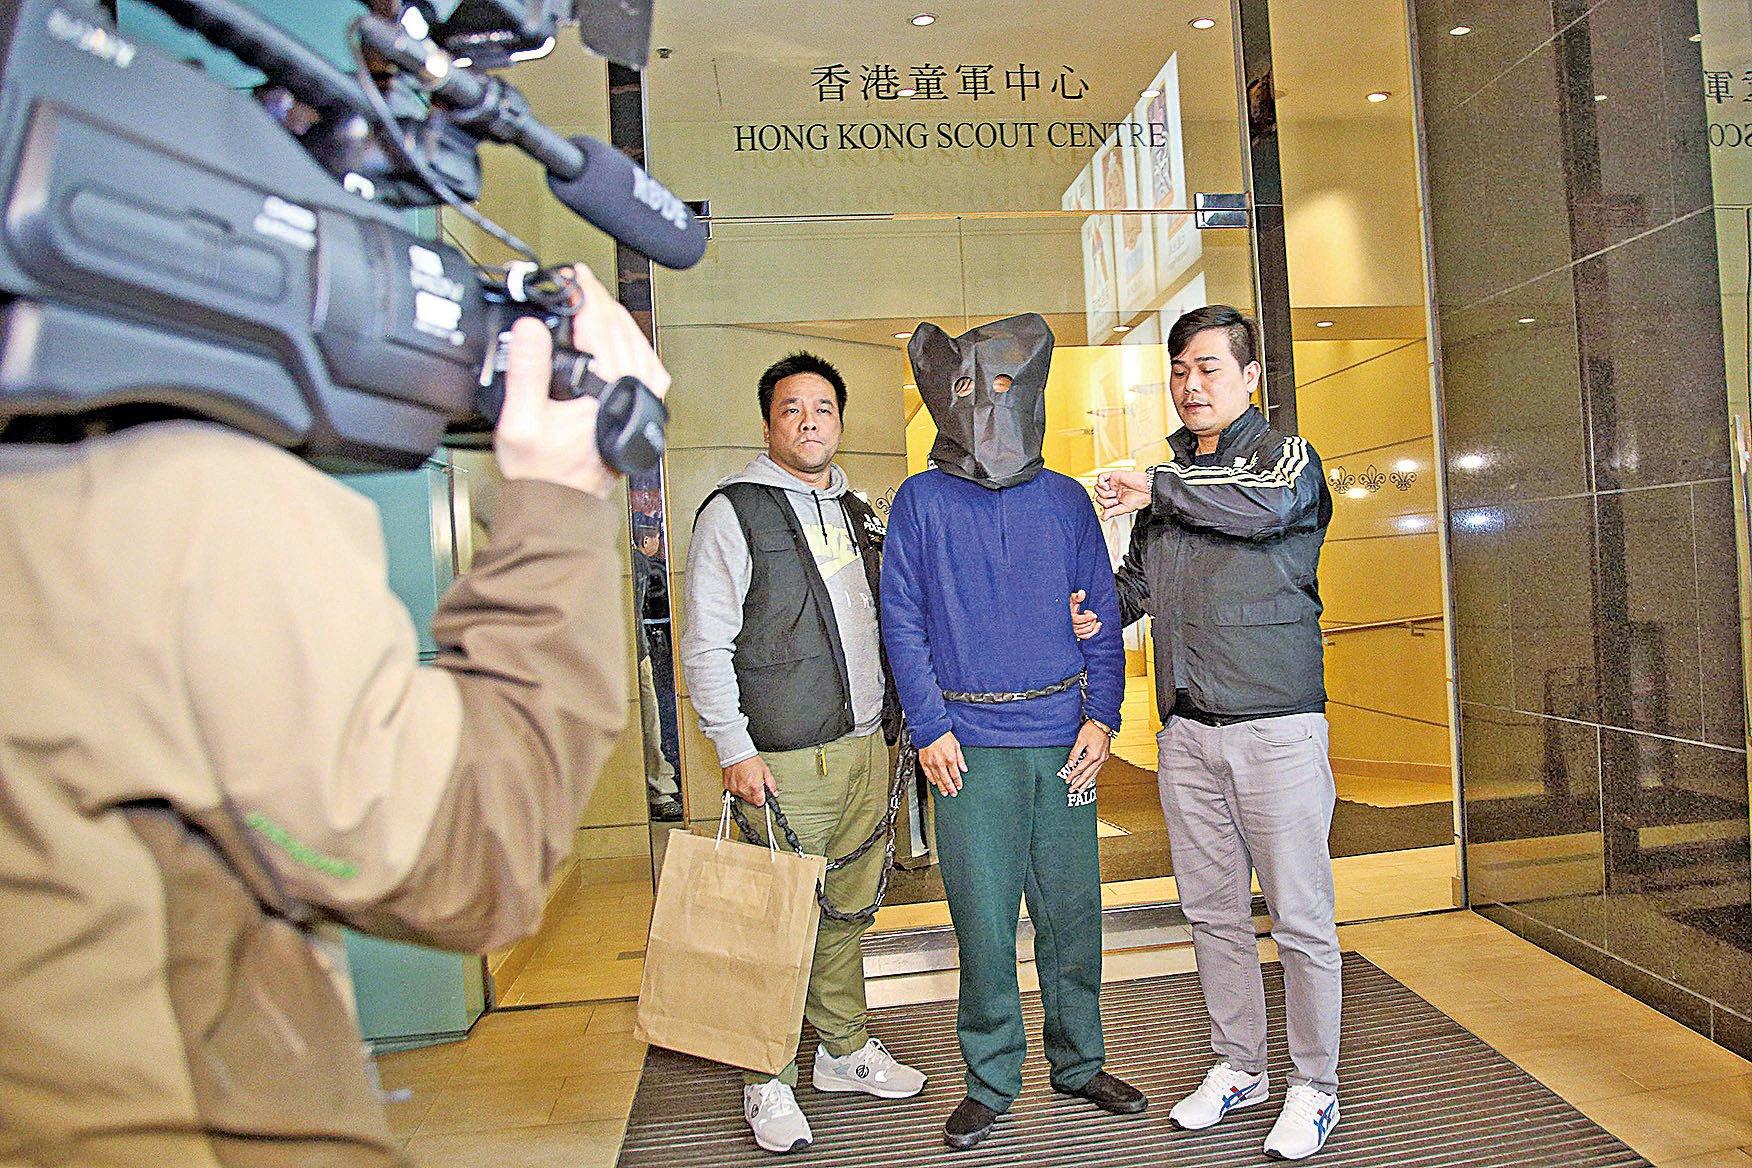 運輸工陳基成(右二戴黑頭套者)承認去年在尖沙咀龍堡國際賓館男廁內放置假炸彈,被重判入獄兩年。(大紀元資料圖片)